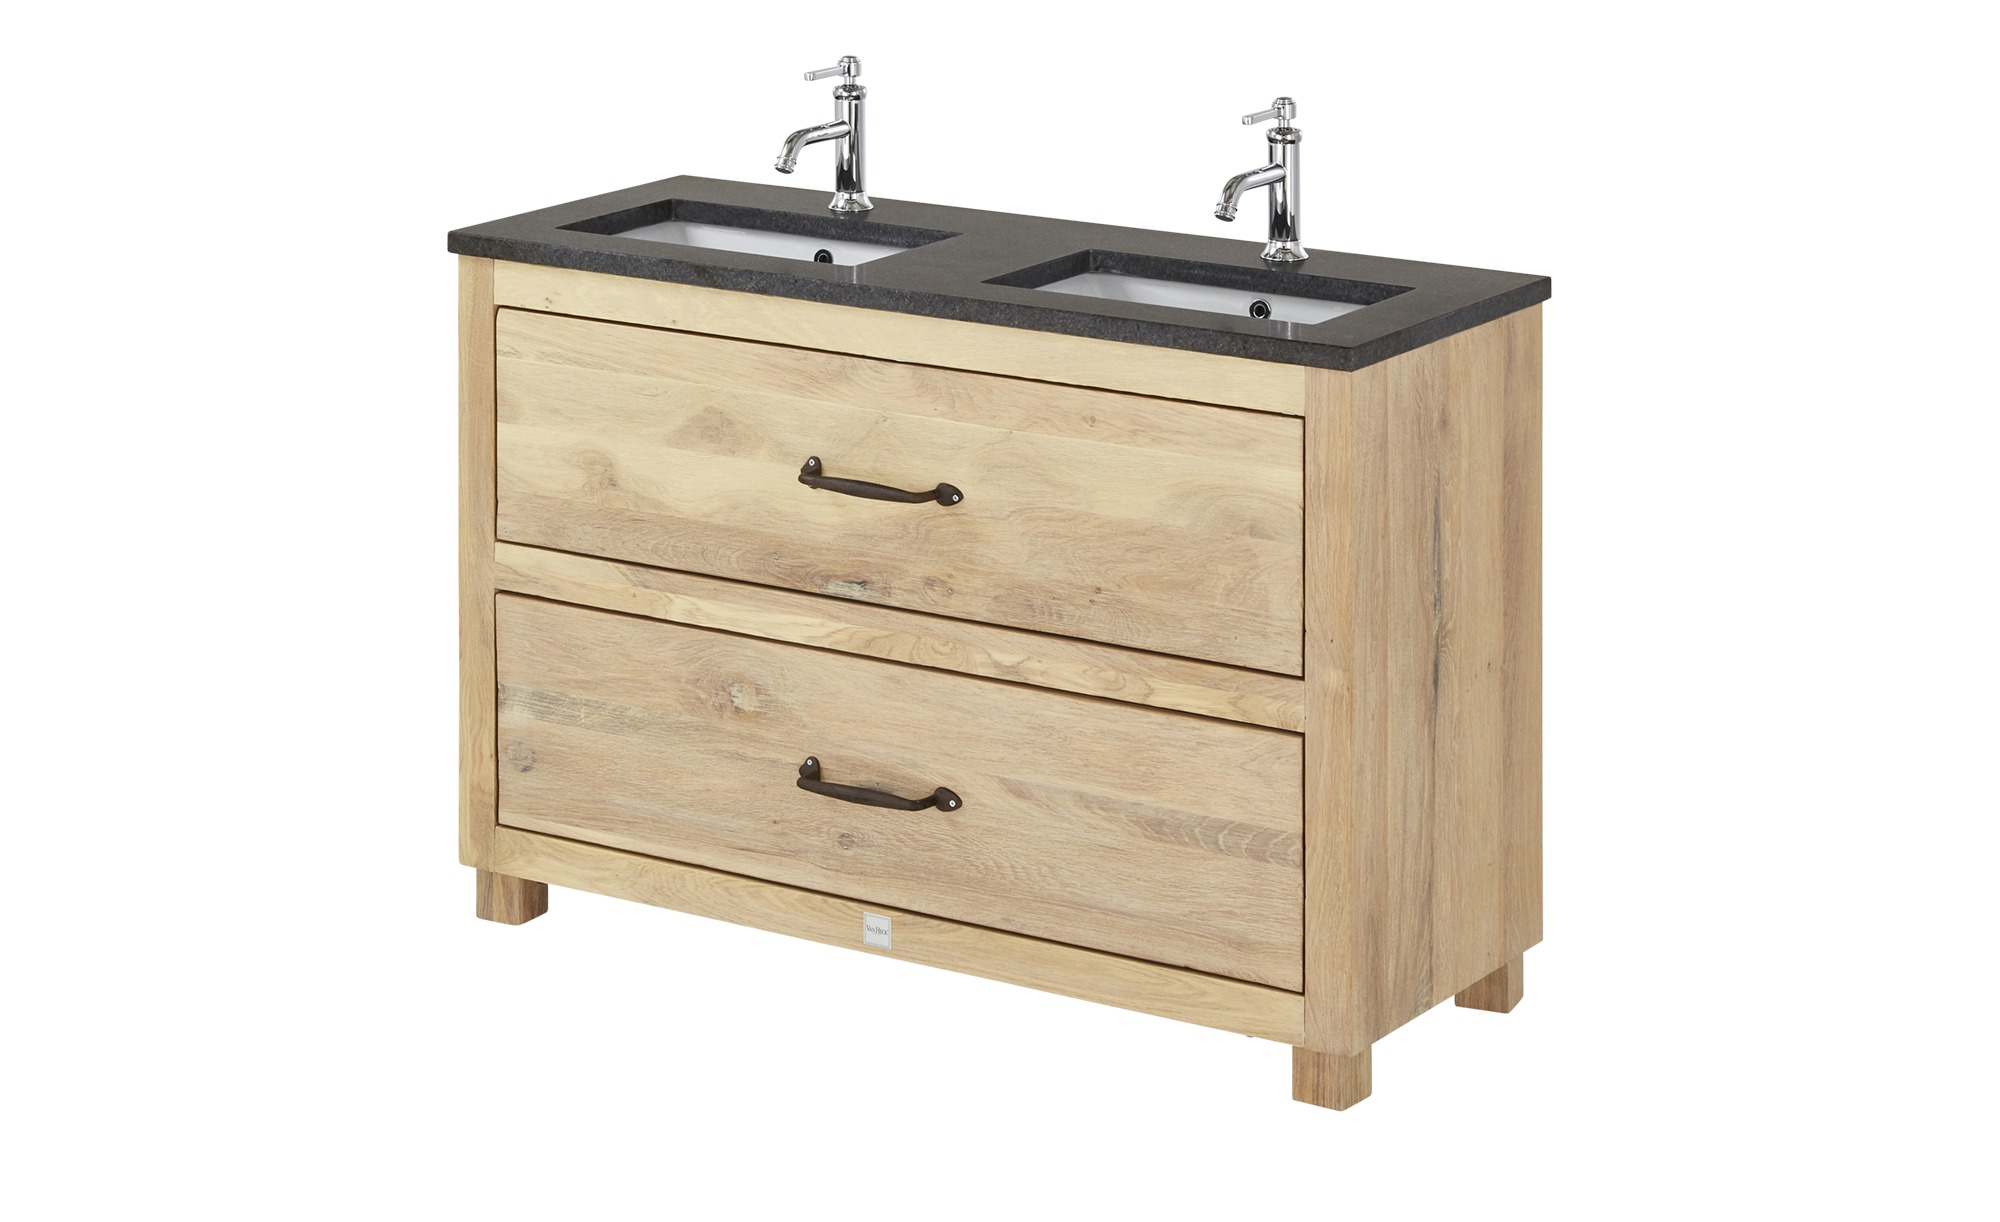 VAN HECK Waschtischkombination - holzfarben - 133 cm - 91 cm - 51,5 cm -  Schränke > Badschränke > Komplett-Badkombinationen - Möbel Kraft